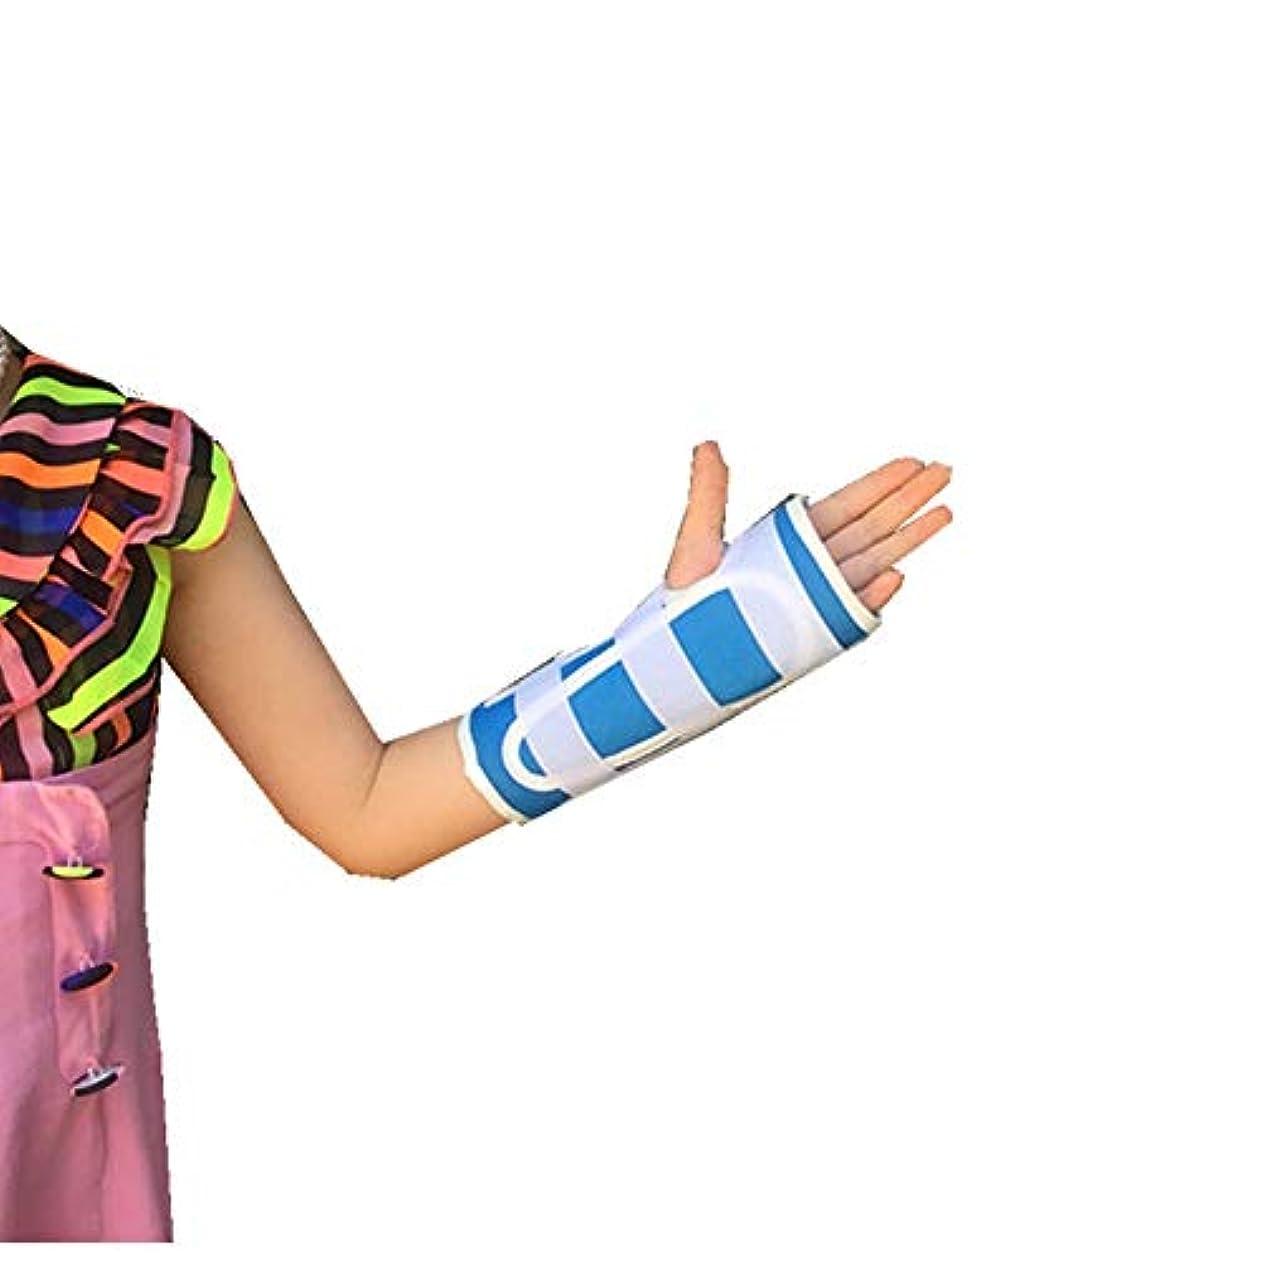 神秘的な回転する座るZYL-YL 子供の手関節手首骨折手首捻挫骨折保護具通気性は内蔵アルミ合金シース (Edition : Right)